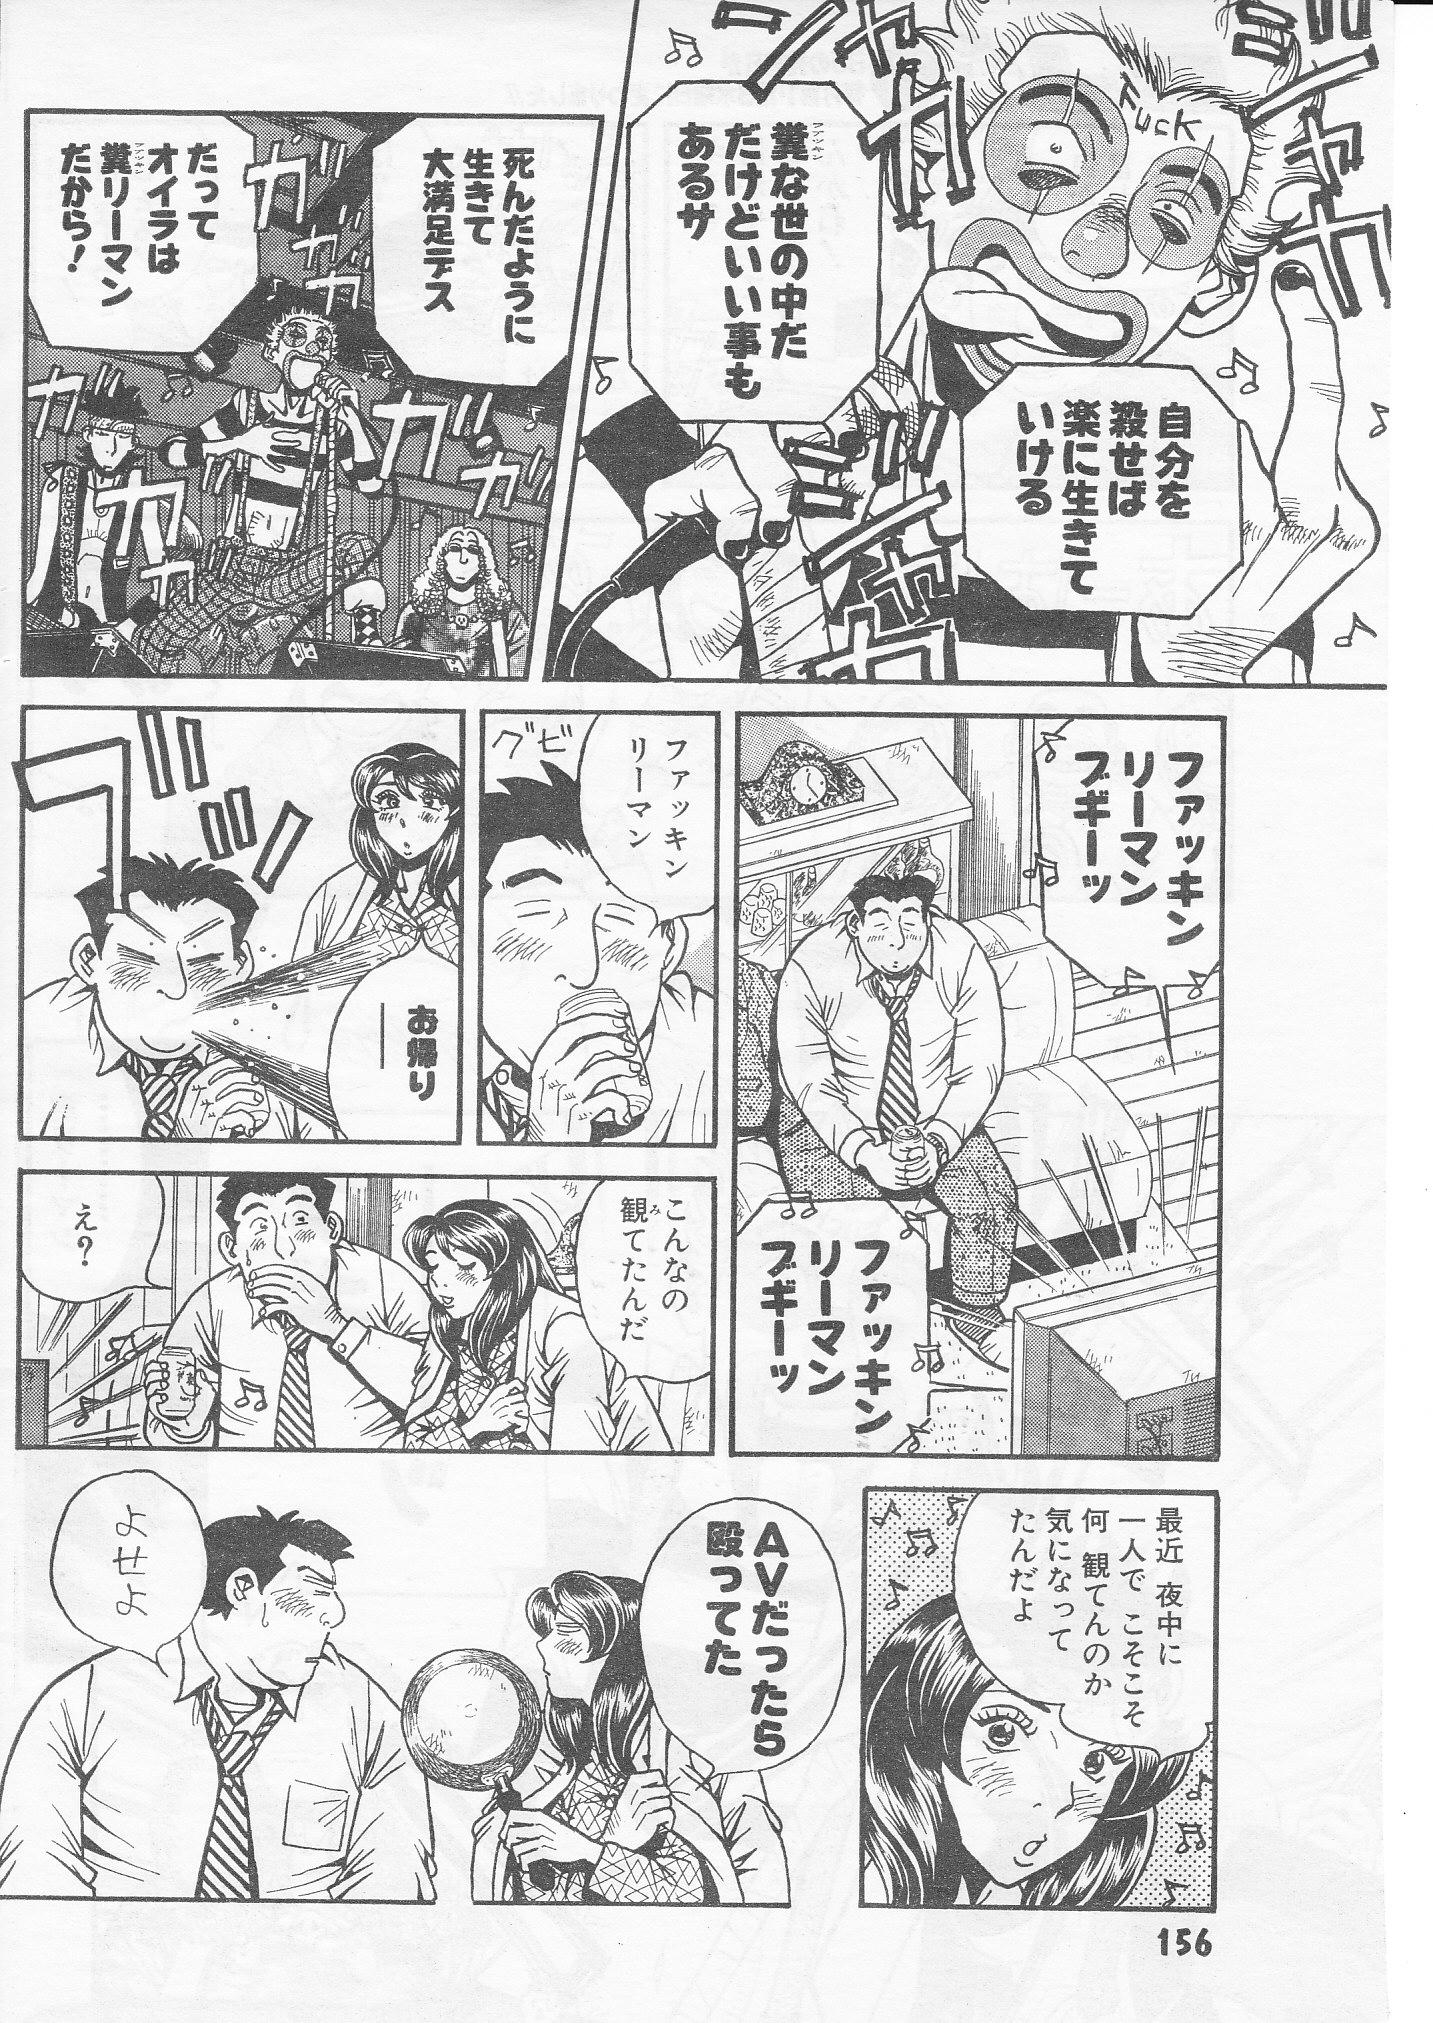 ファッキン・リーマン・ブギ 4/23